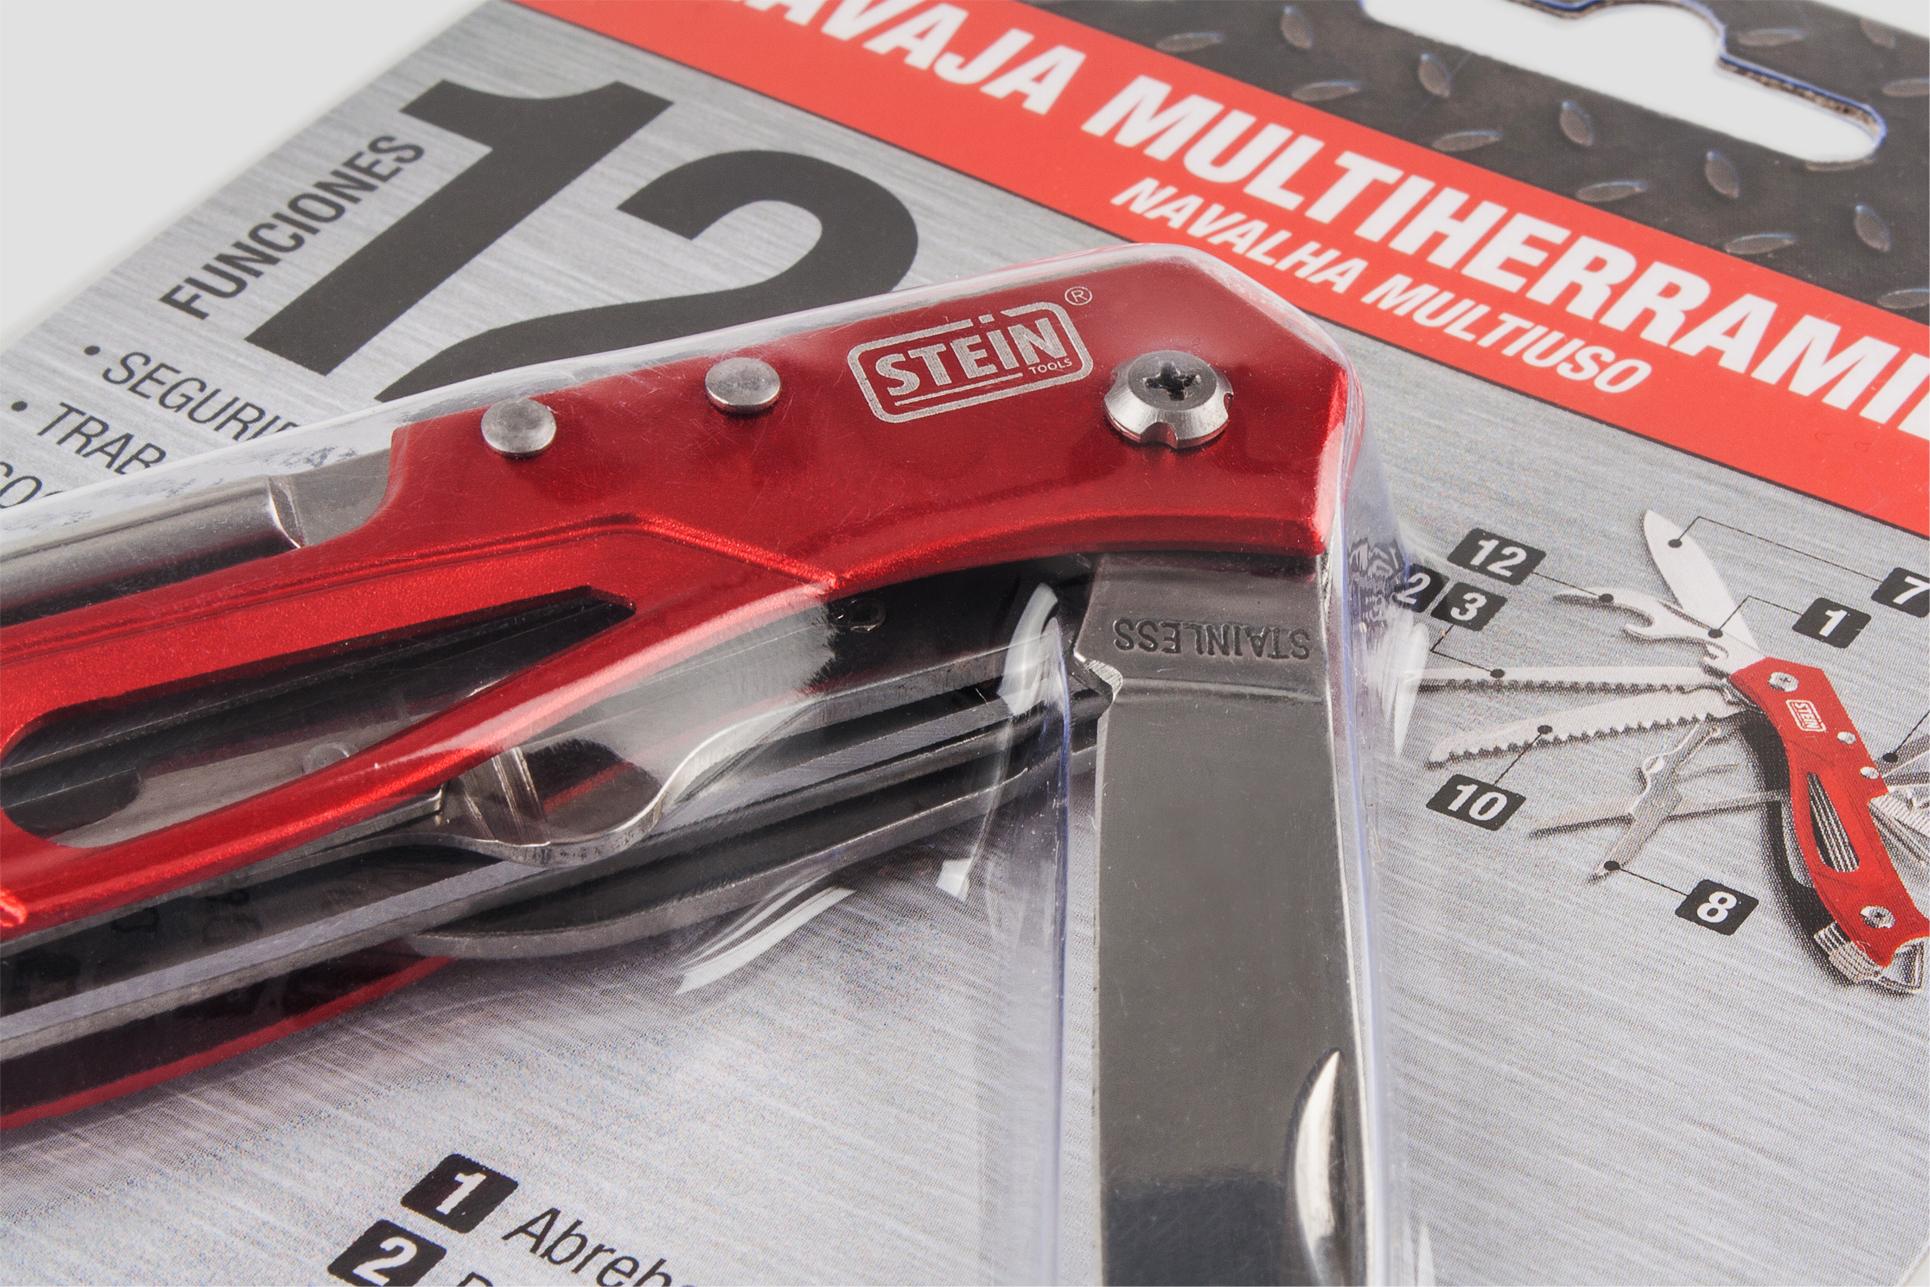 packaging herramientas 01 - DISEÑO DE PACKAGING PARA HERRAMIENTAS